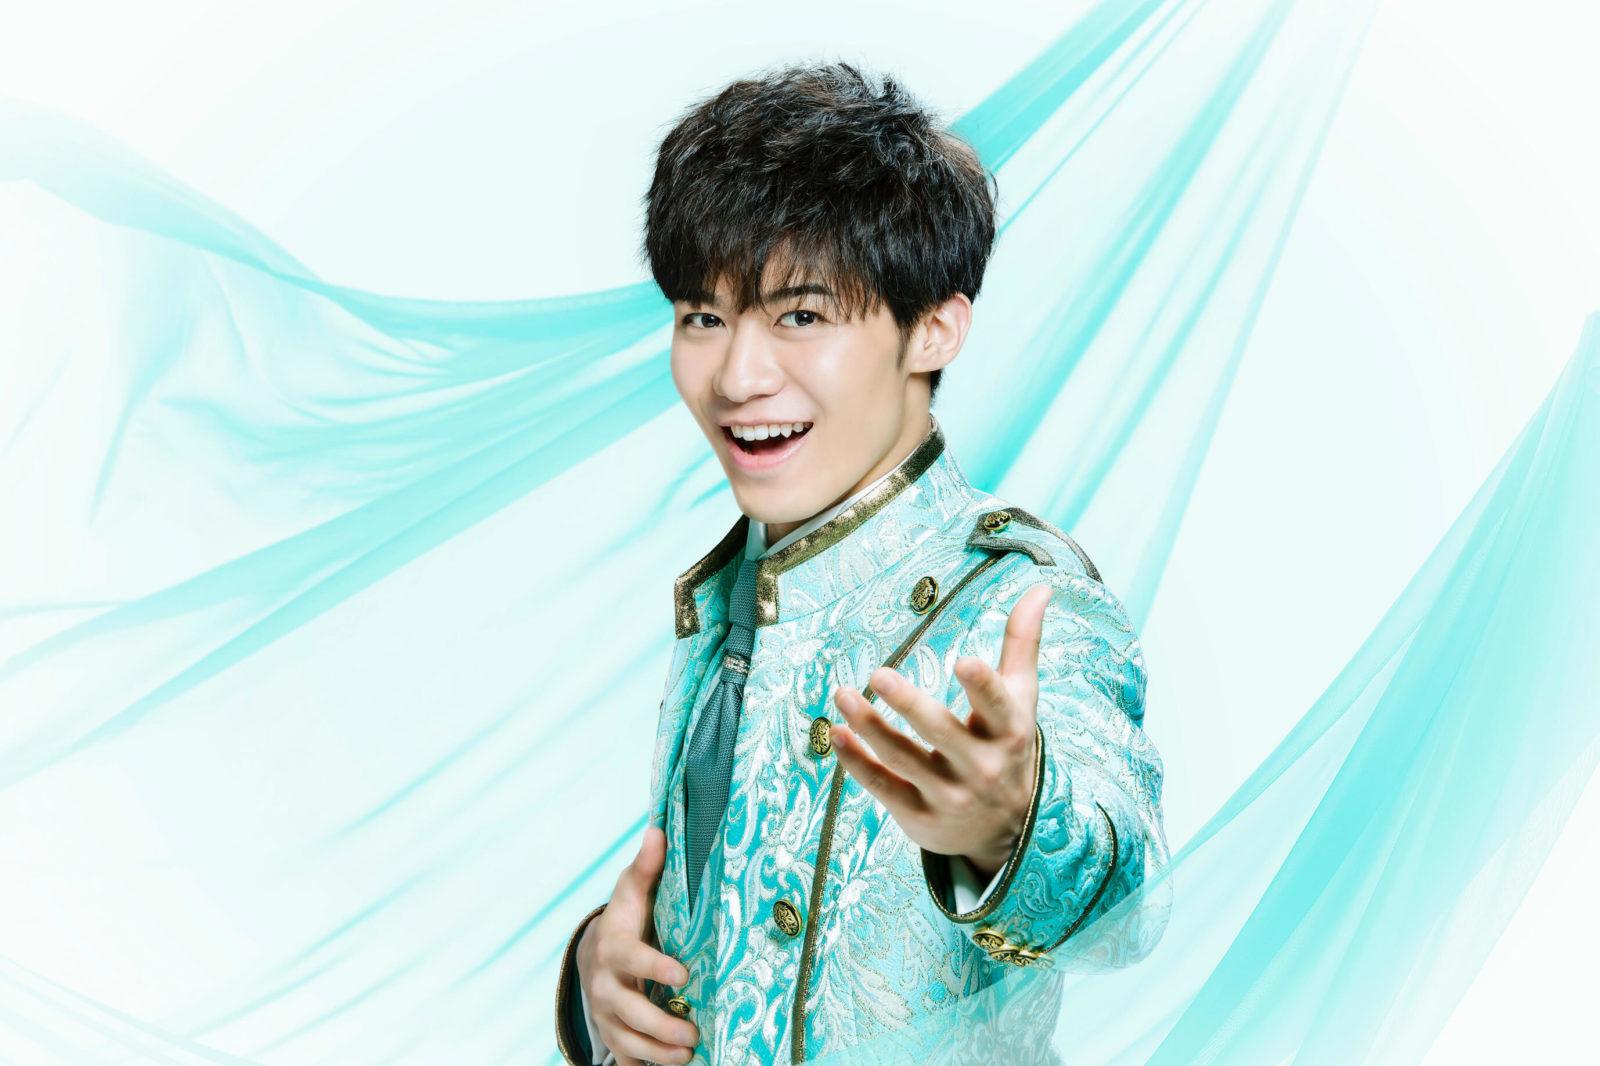 新浜レオン、年男24歳の誕生日に新タイアップ決定サムネイル画像